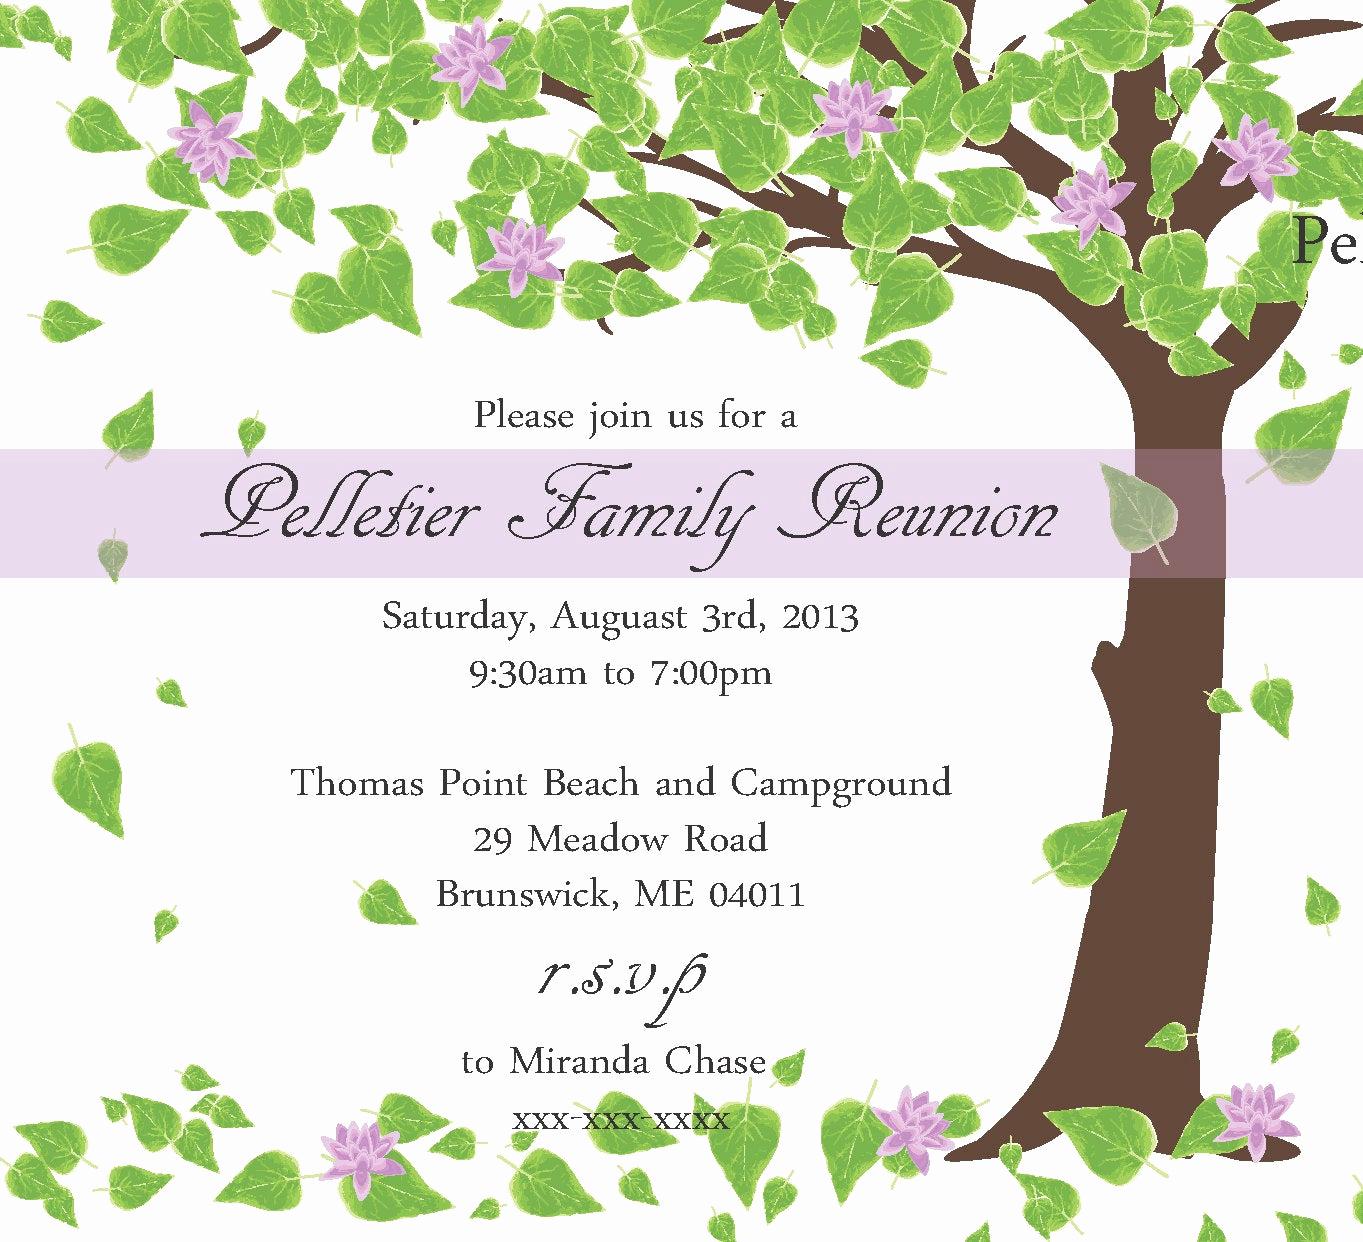 Family Reunion Invitation Templates Free Beautiful Family Reunion Invitation by Littlebopress On Etsy